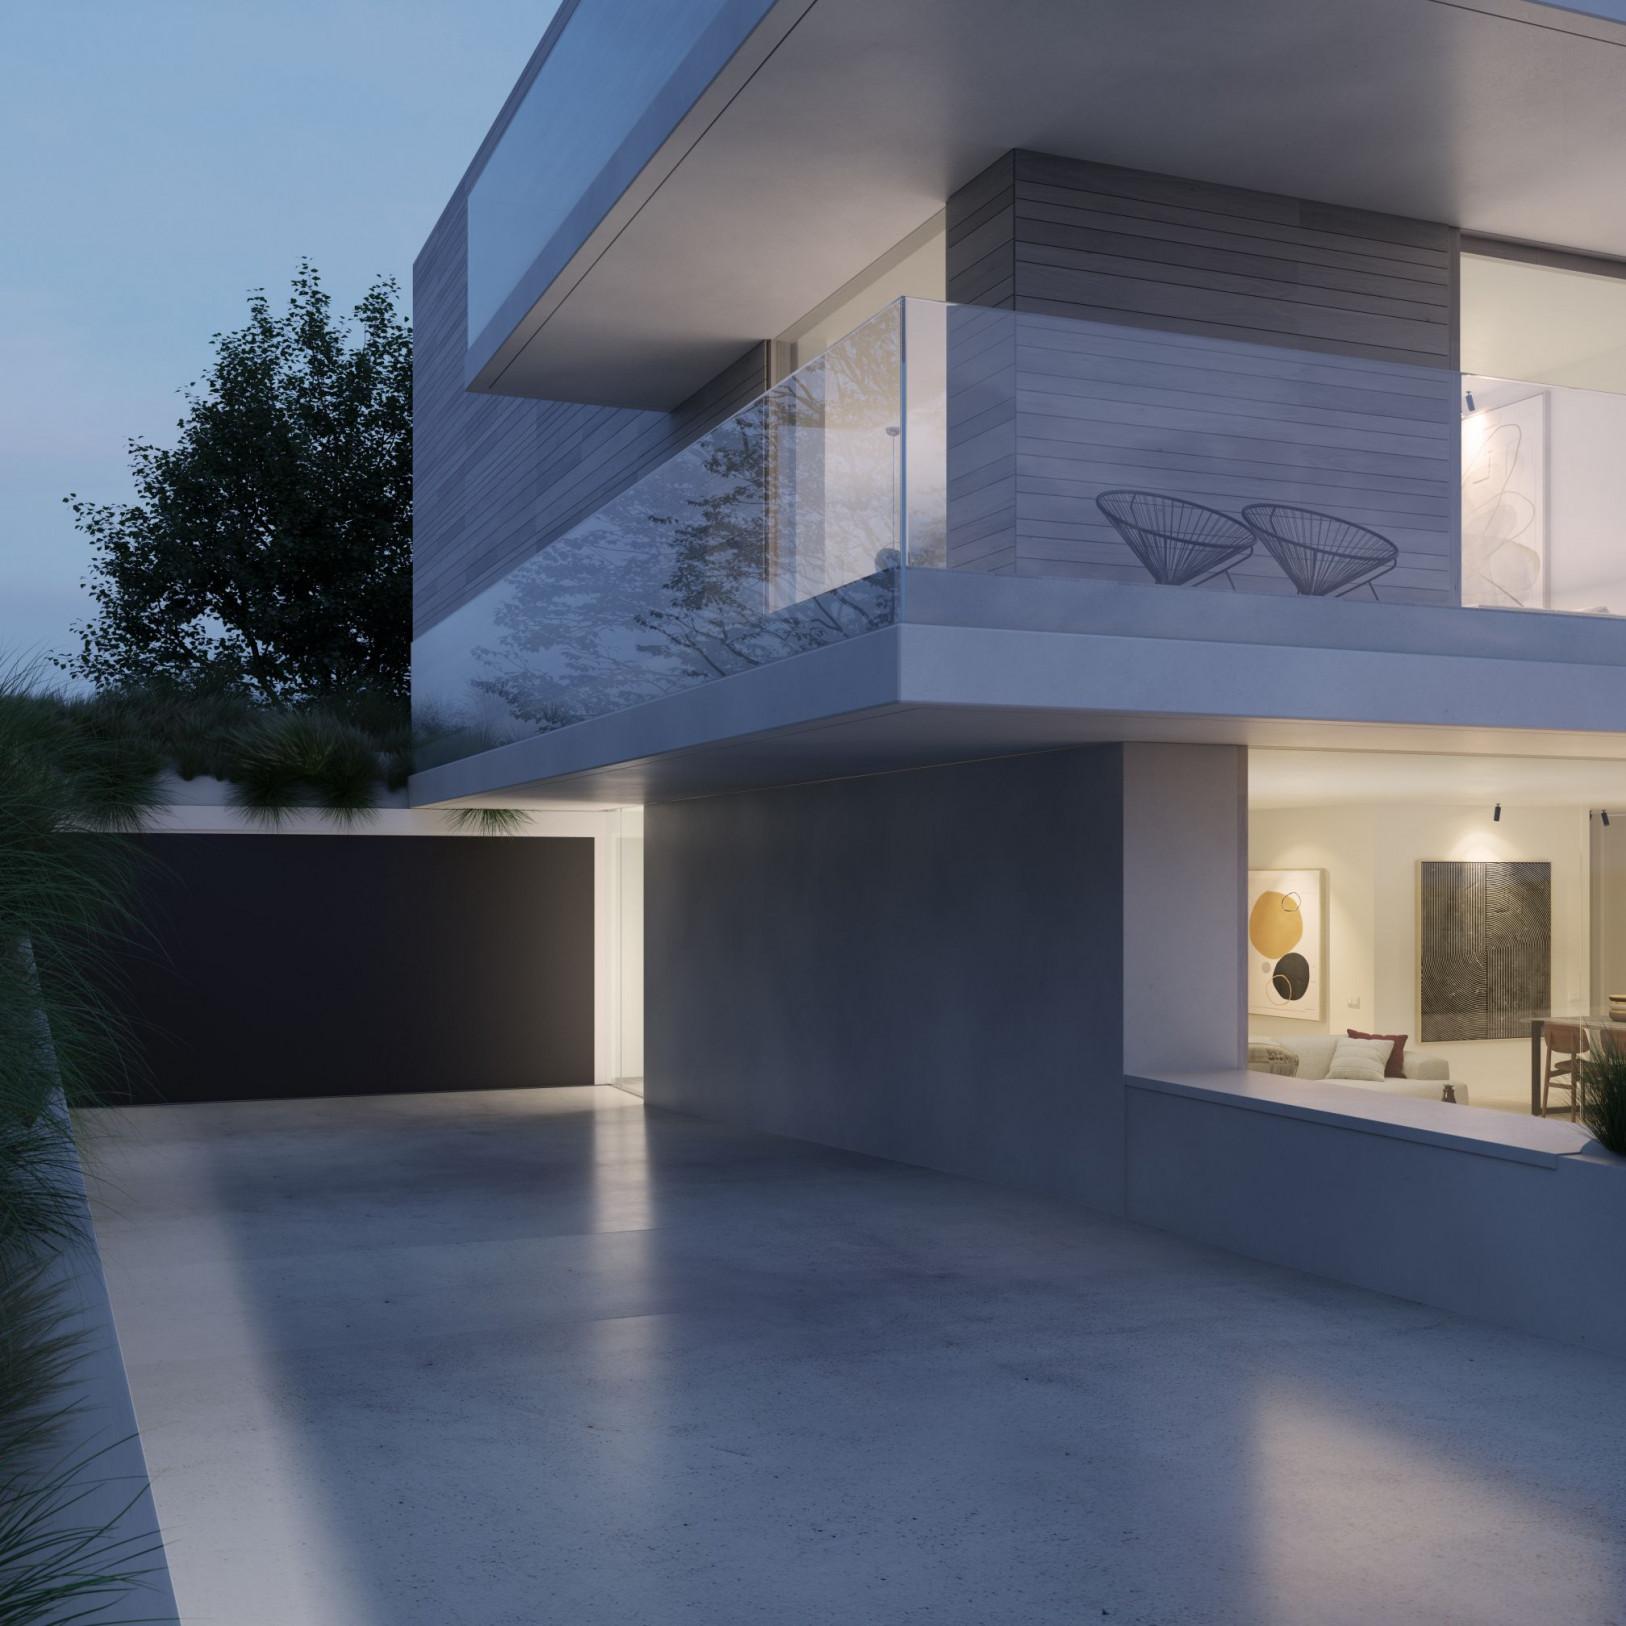 Rietveldprojects - Hannes Meyer - Oostduinkerke 14.jpg